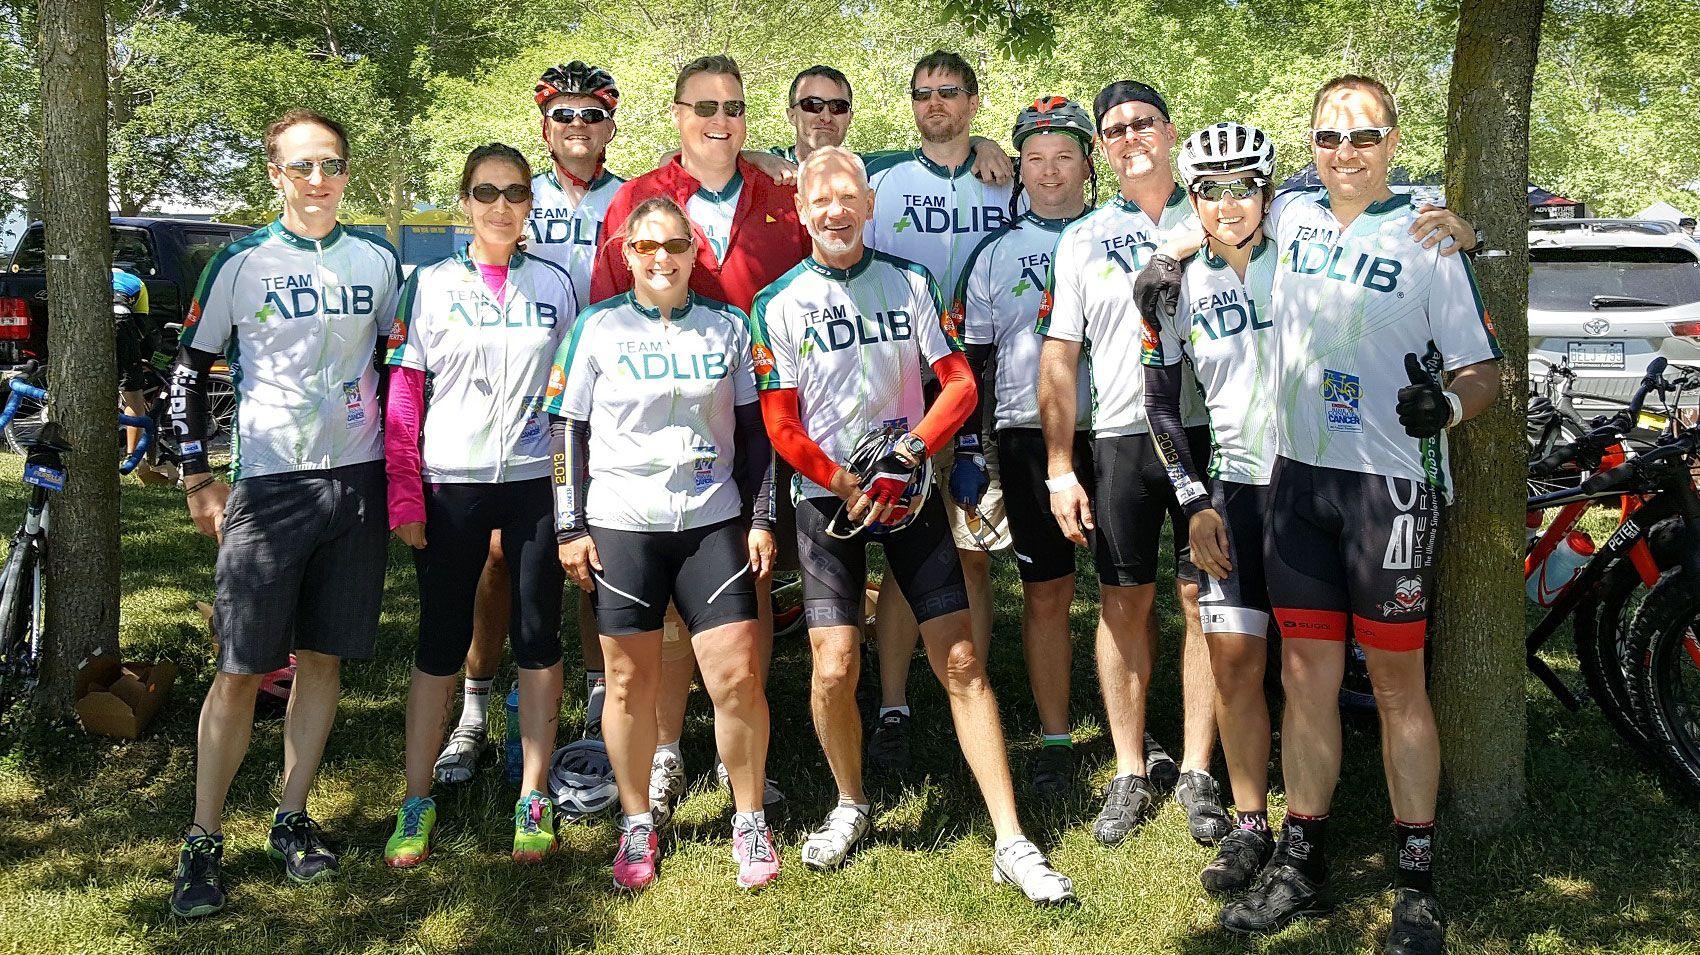 Adlib team